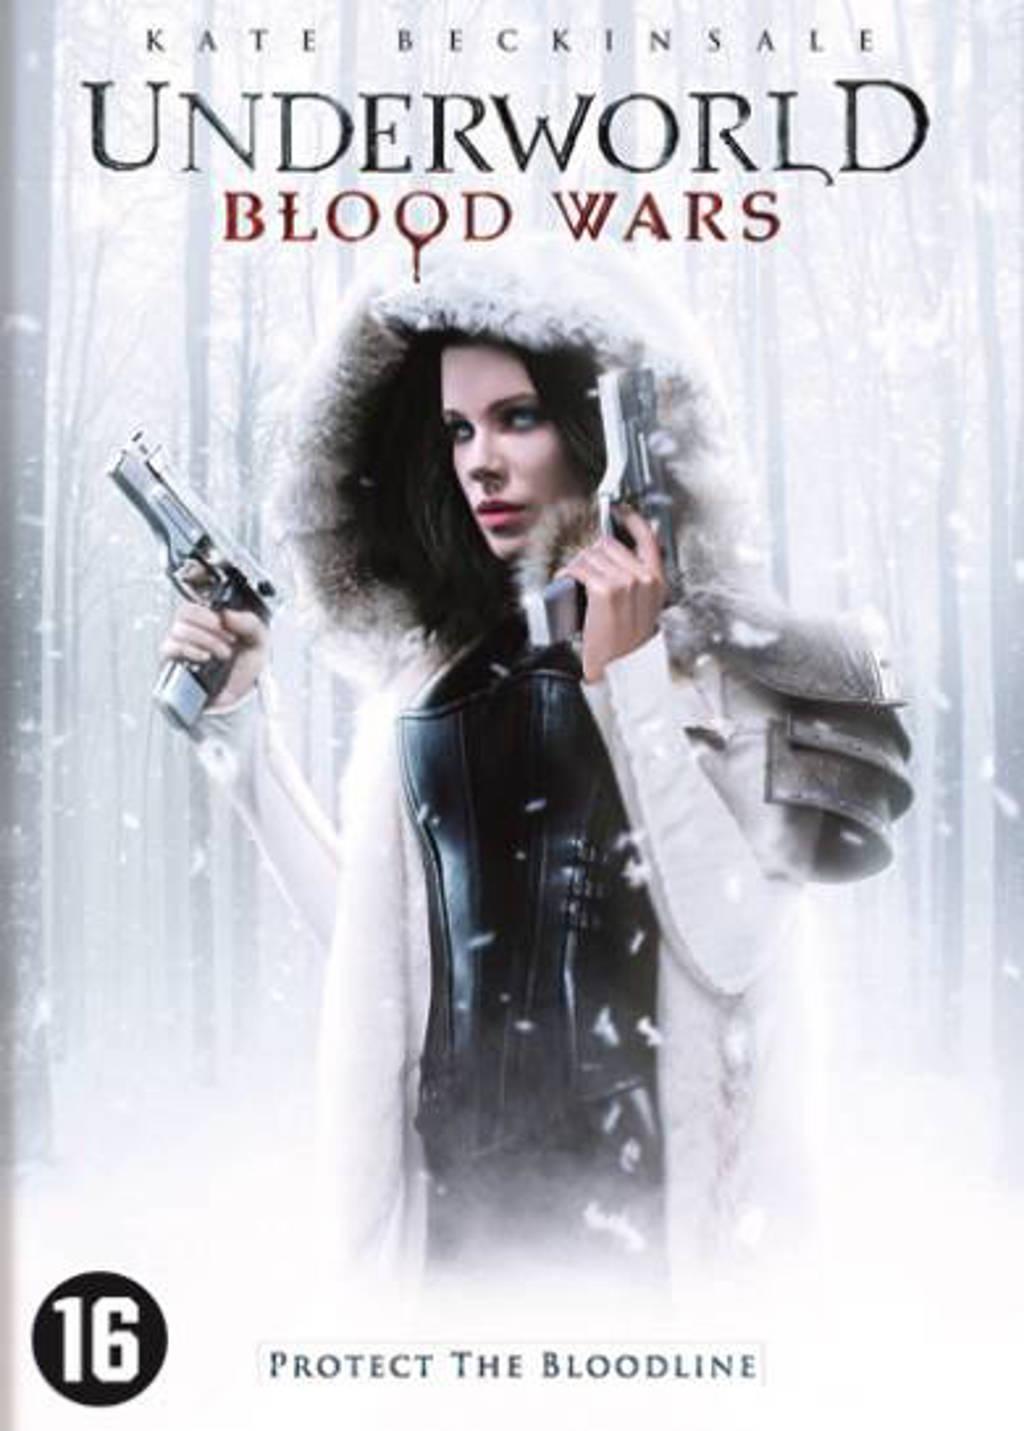 Underworld blood wars (DVD)